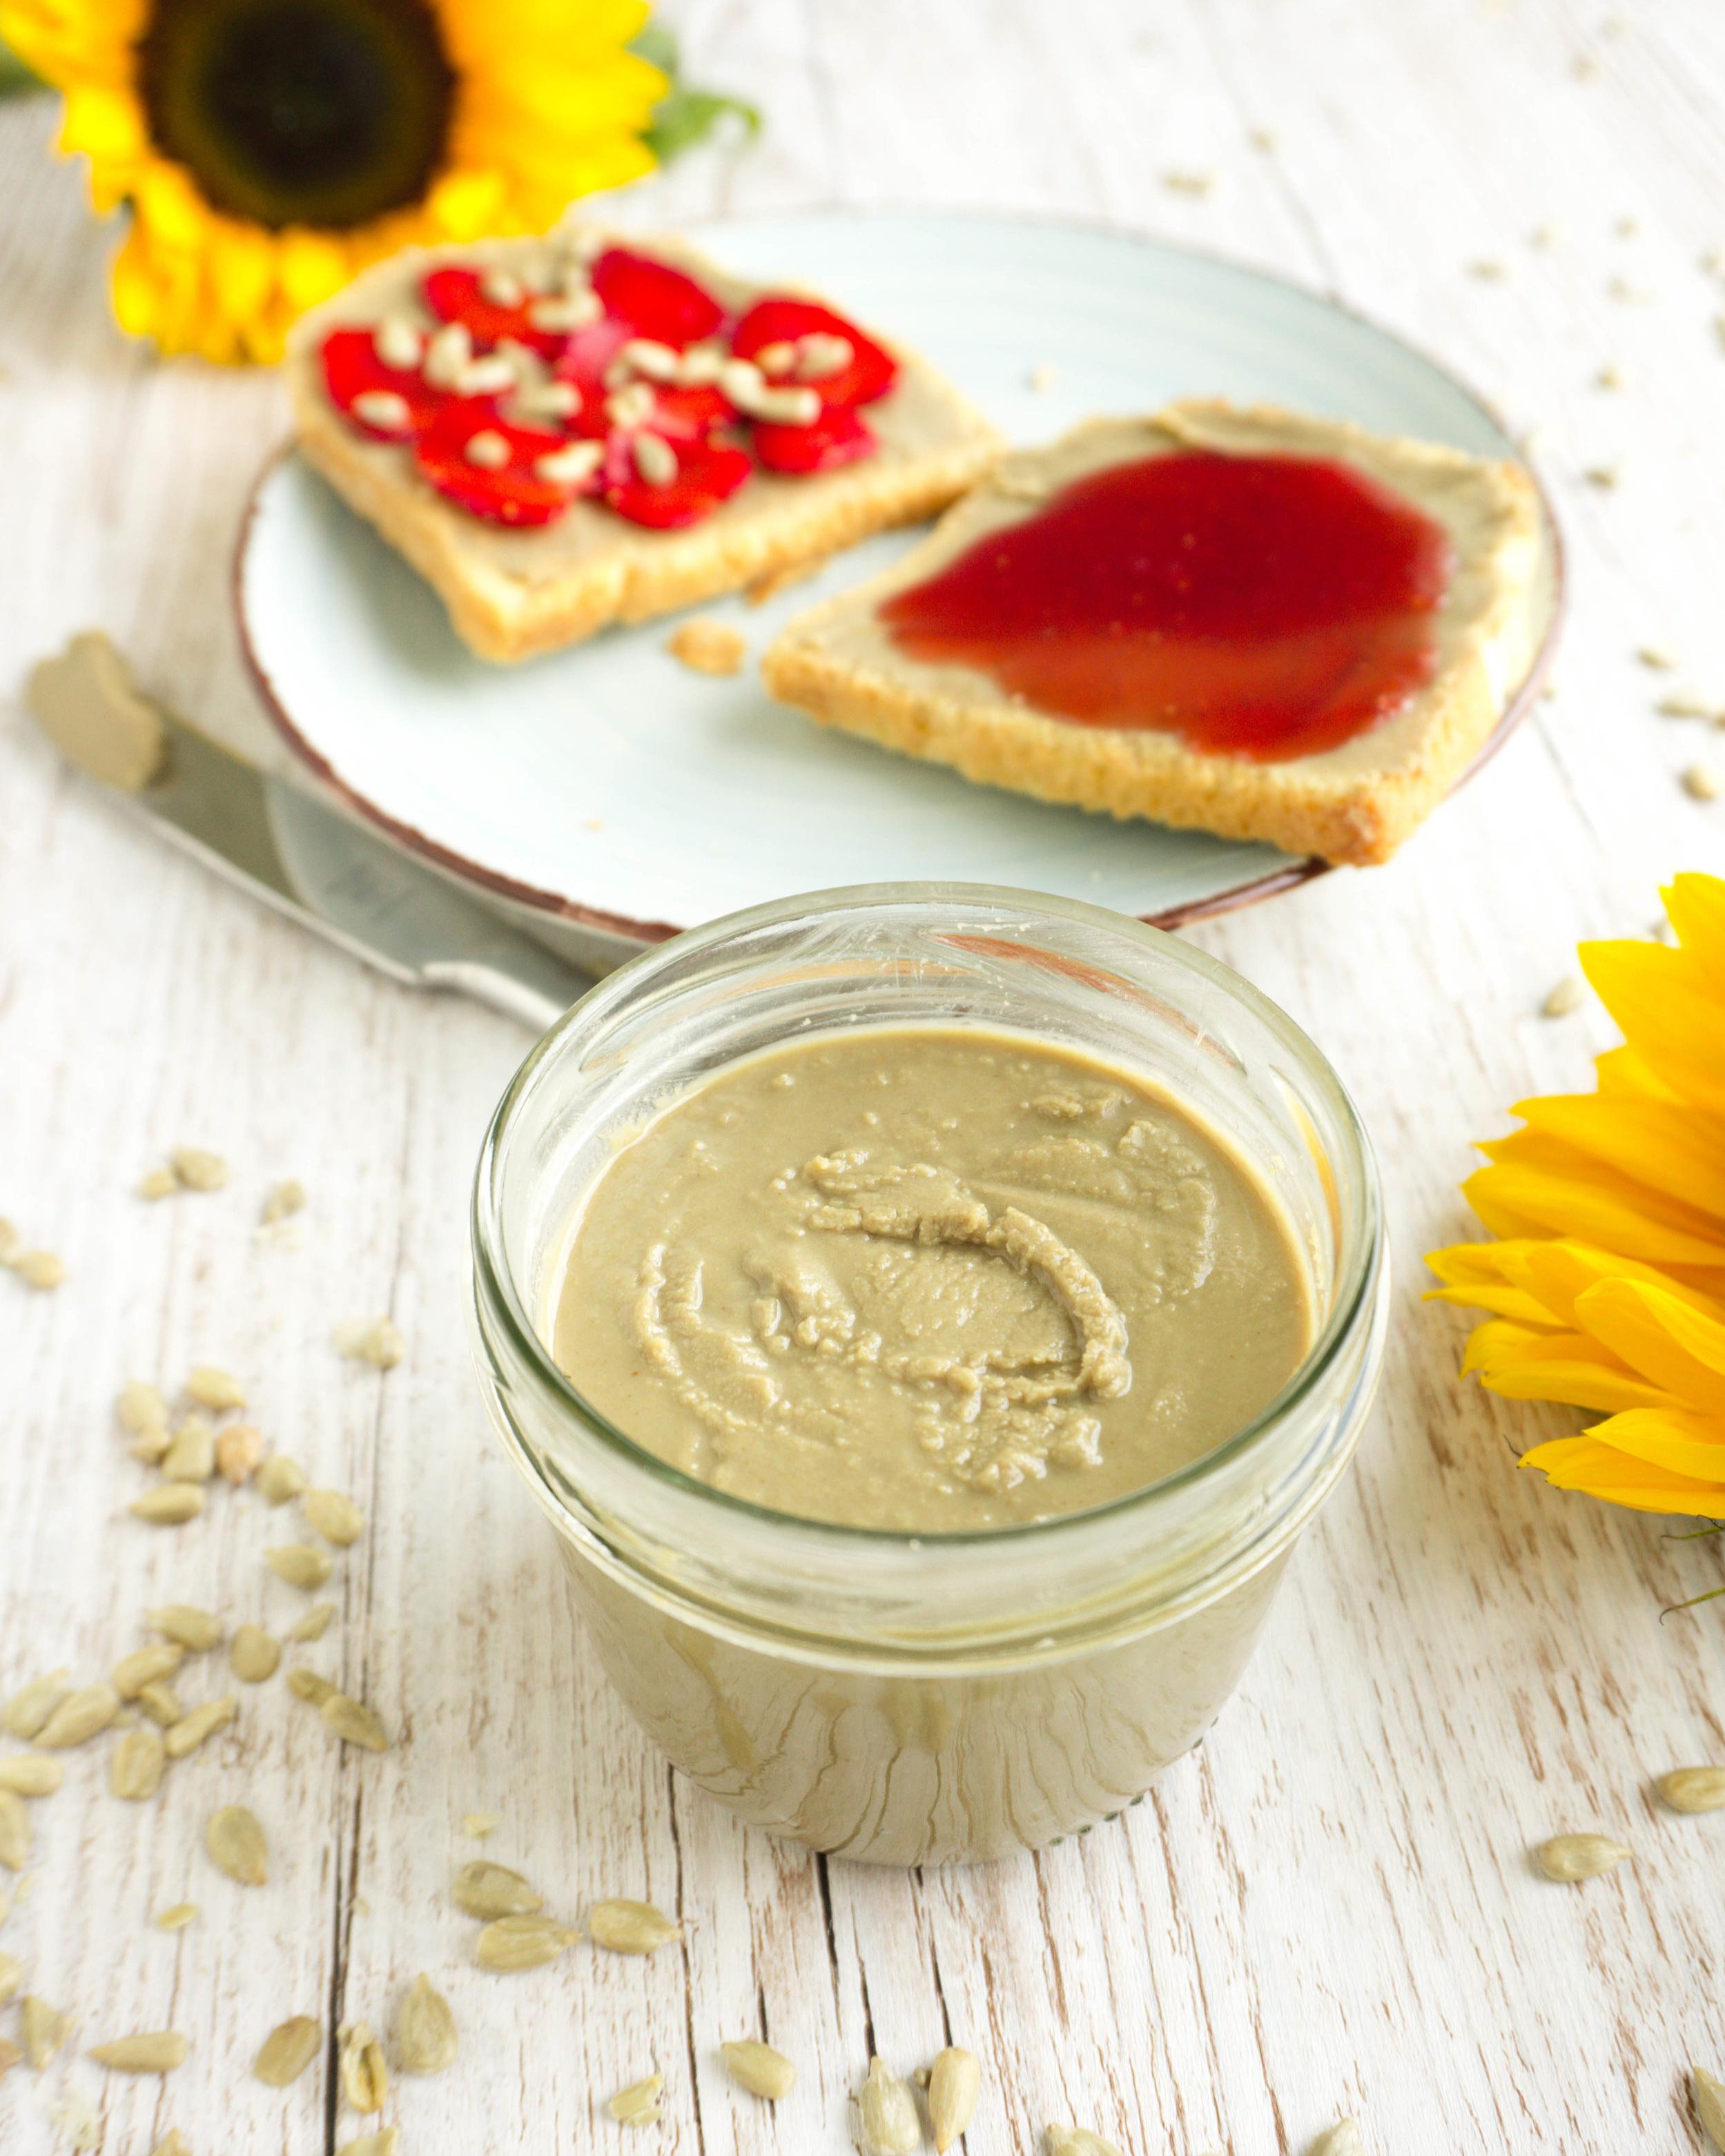 Du brauchst: - 2 Tassen Sonnenblumenkerne*1-4 Esslöffel Cocosöl* (oder anderes Pflanzen-Öl)Optional:1-2 Esslöffel flüssige Süße deiner Wahl (z.B. Ahornsirup* oder Agavendicksaft*)